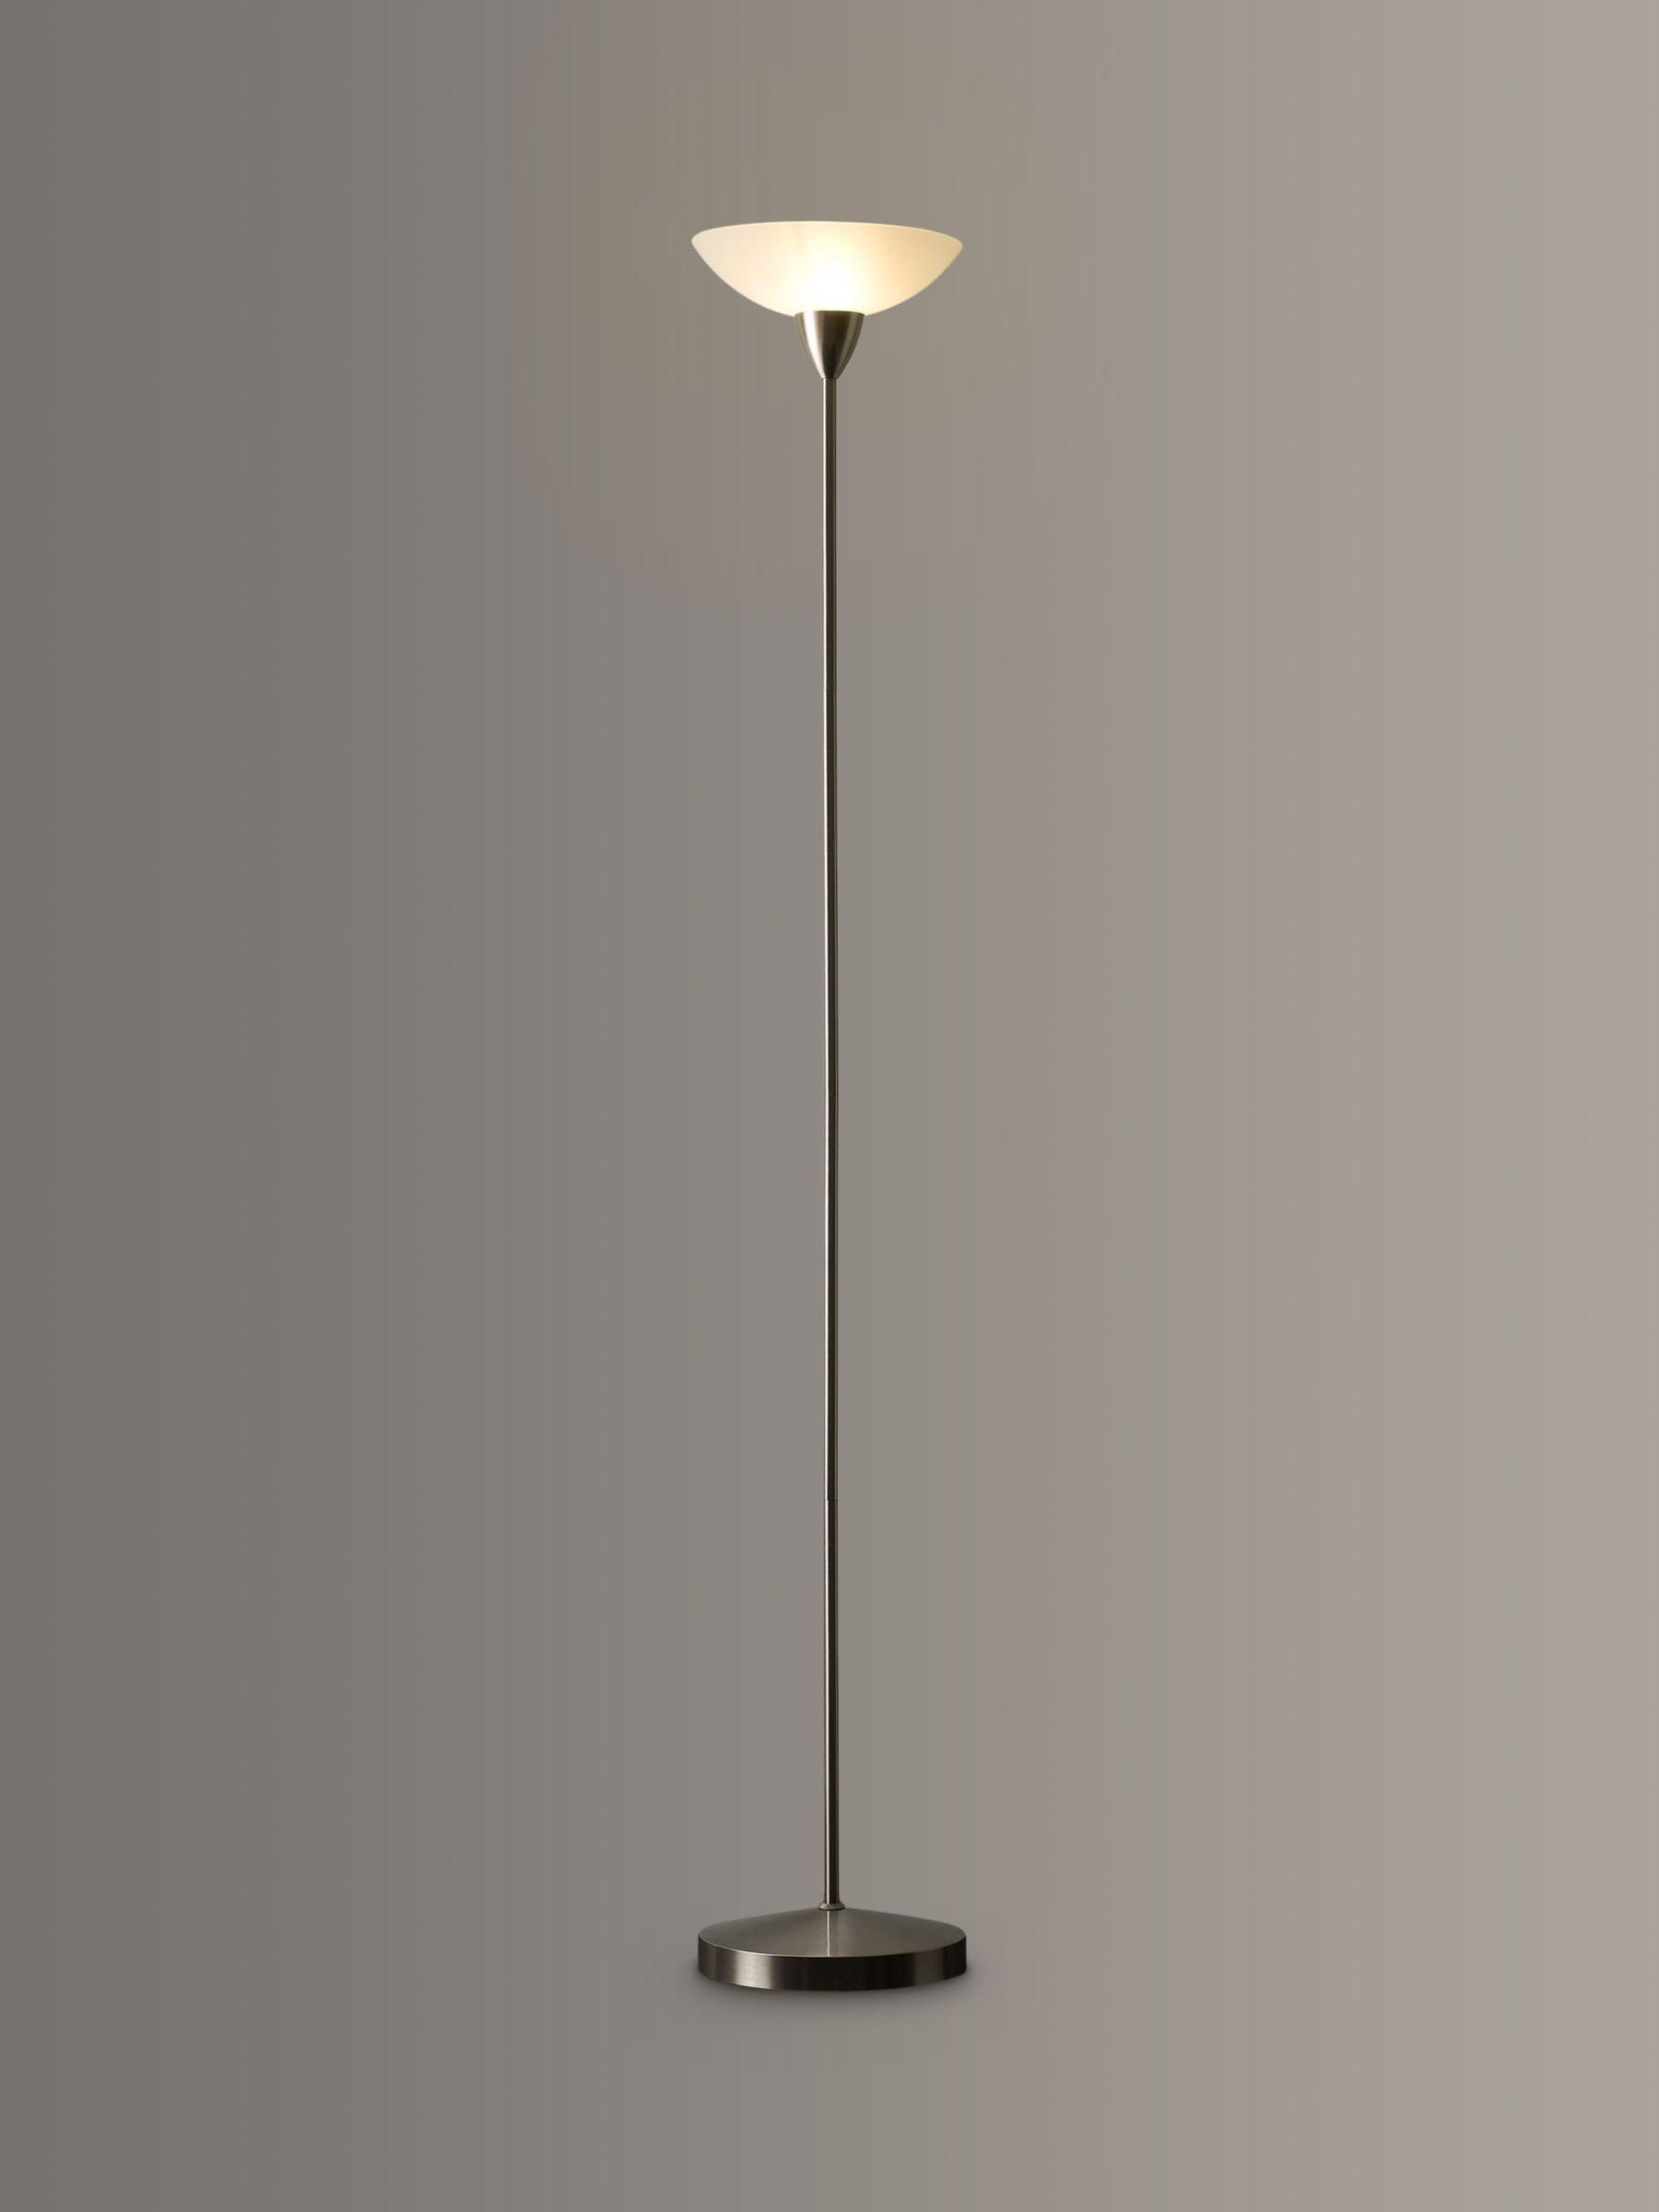 Darlington Uplighter Floor Lamp